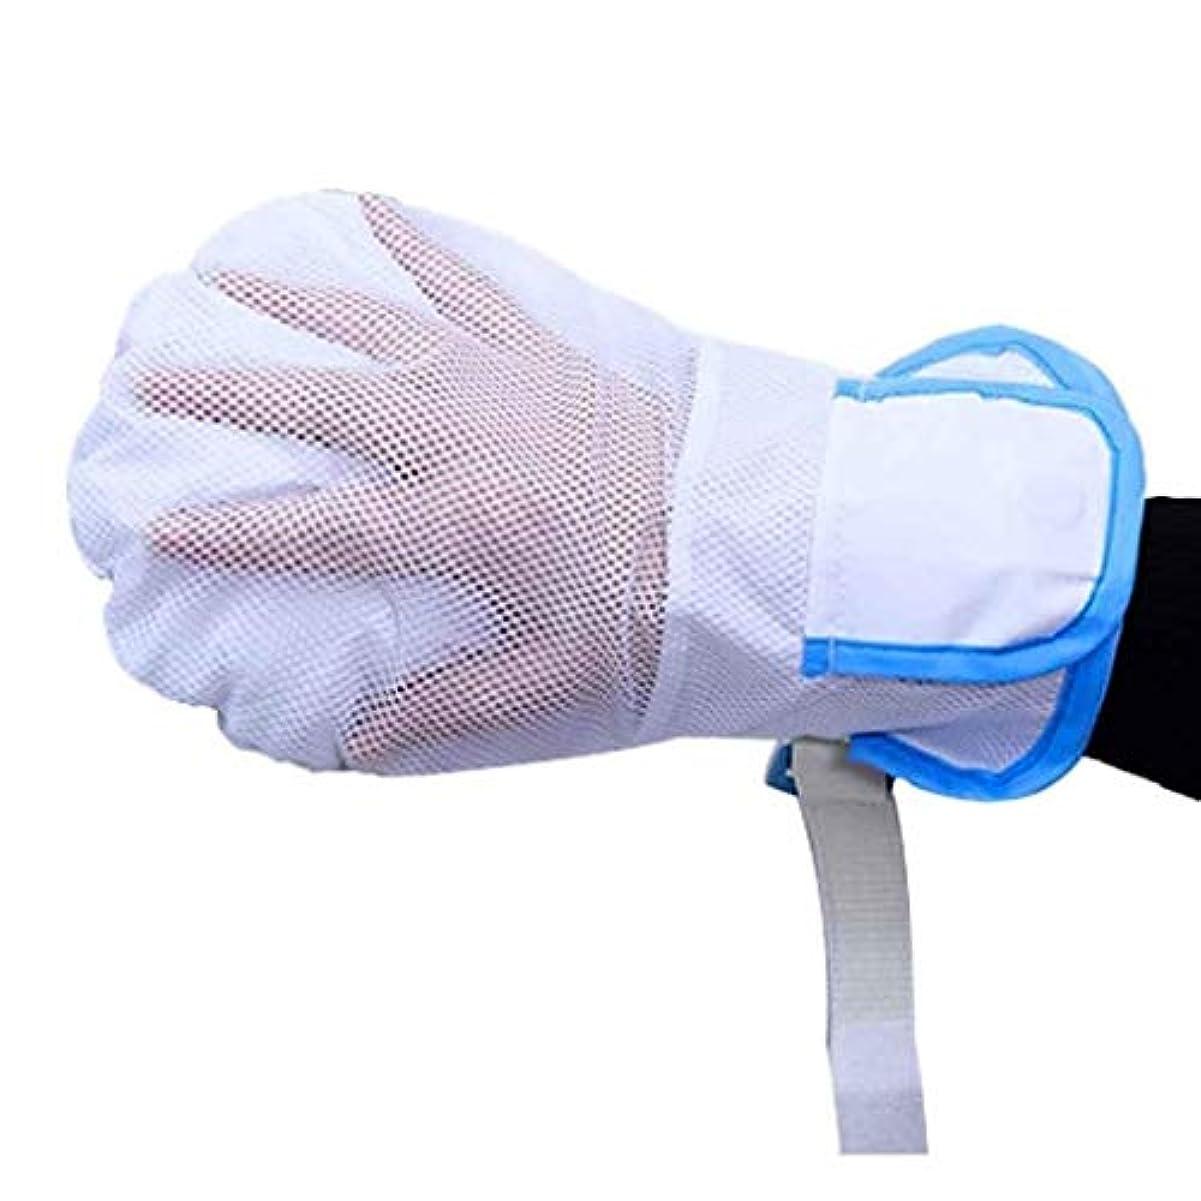 引き受ける船乗りドライブ安全拘束手袋、ハンドプロテクター個人用安全装置指用コントロールミット、あらゆる手のサイズに適した (Size : Single)